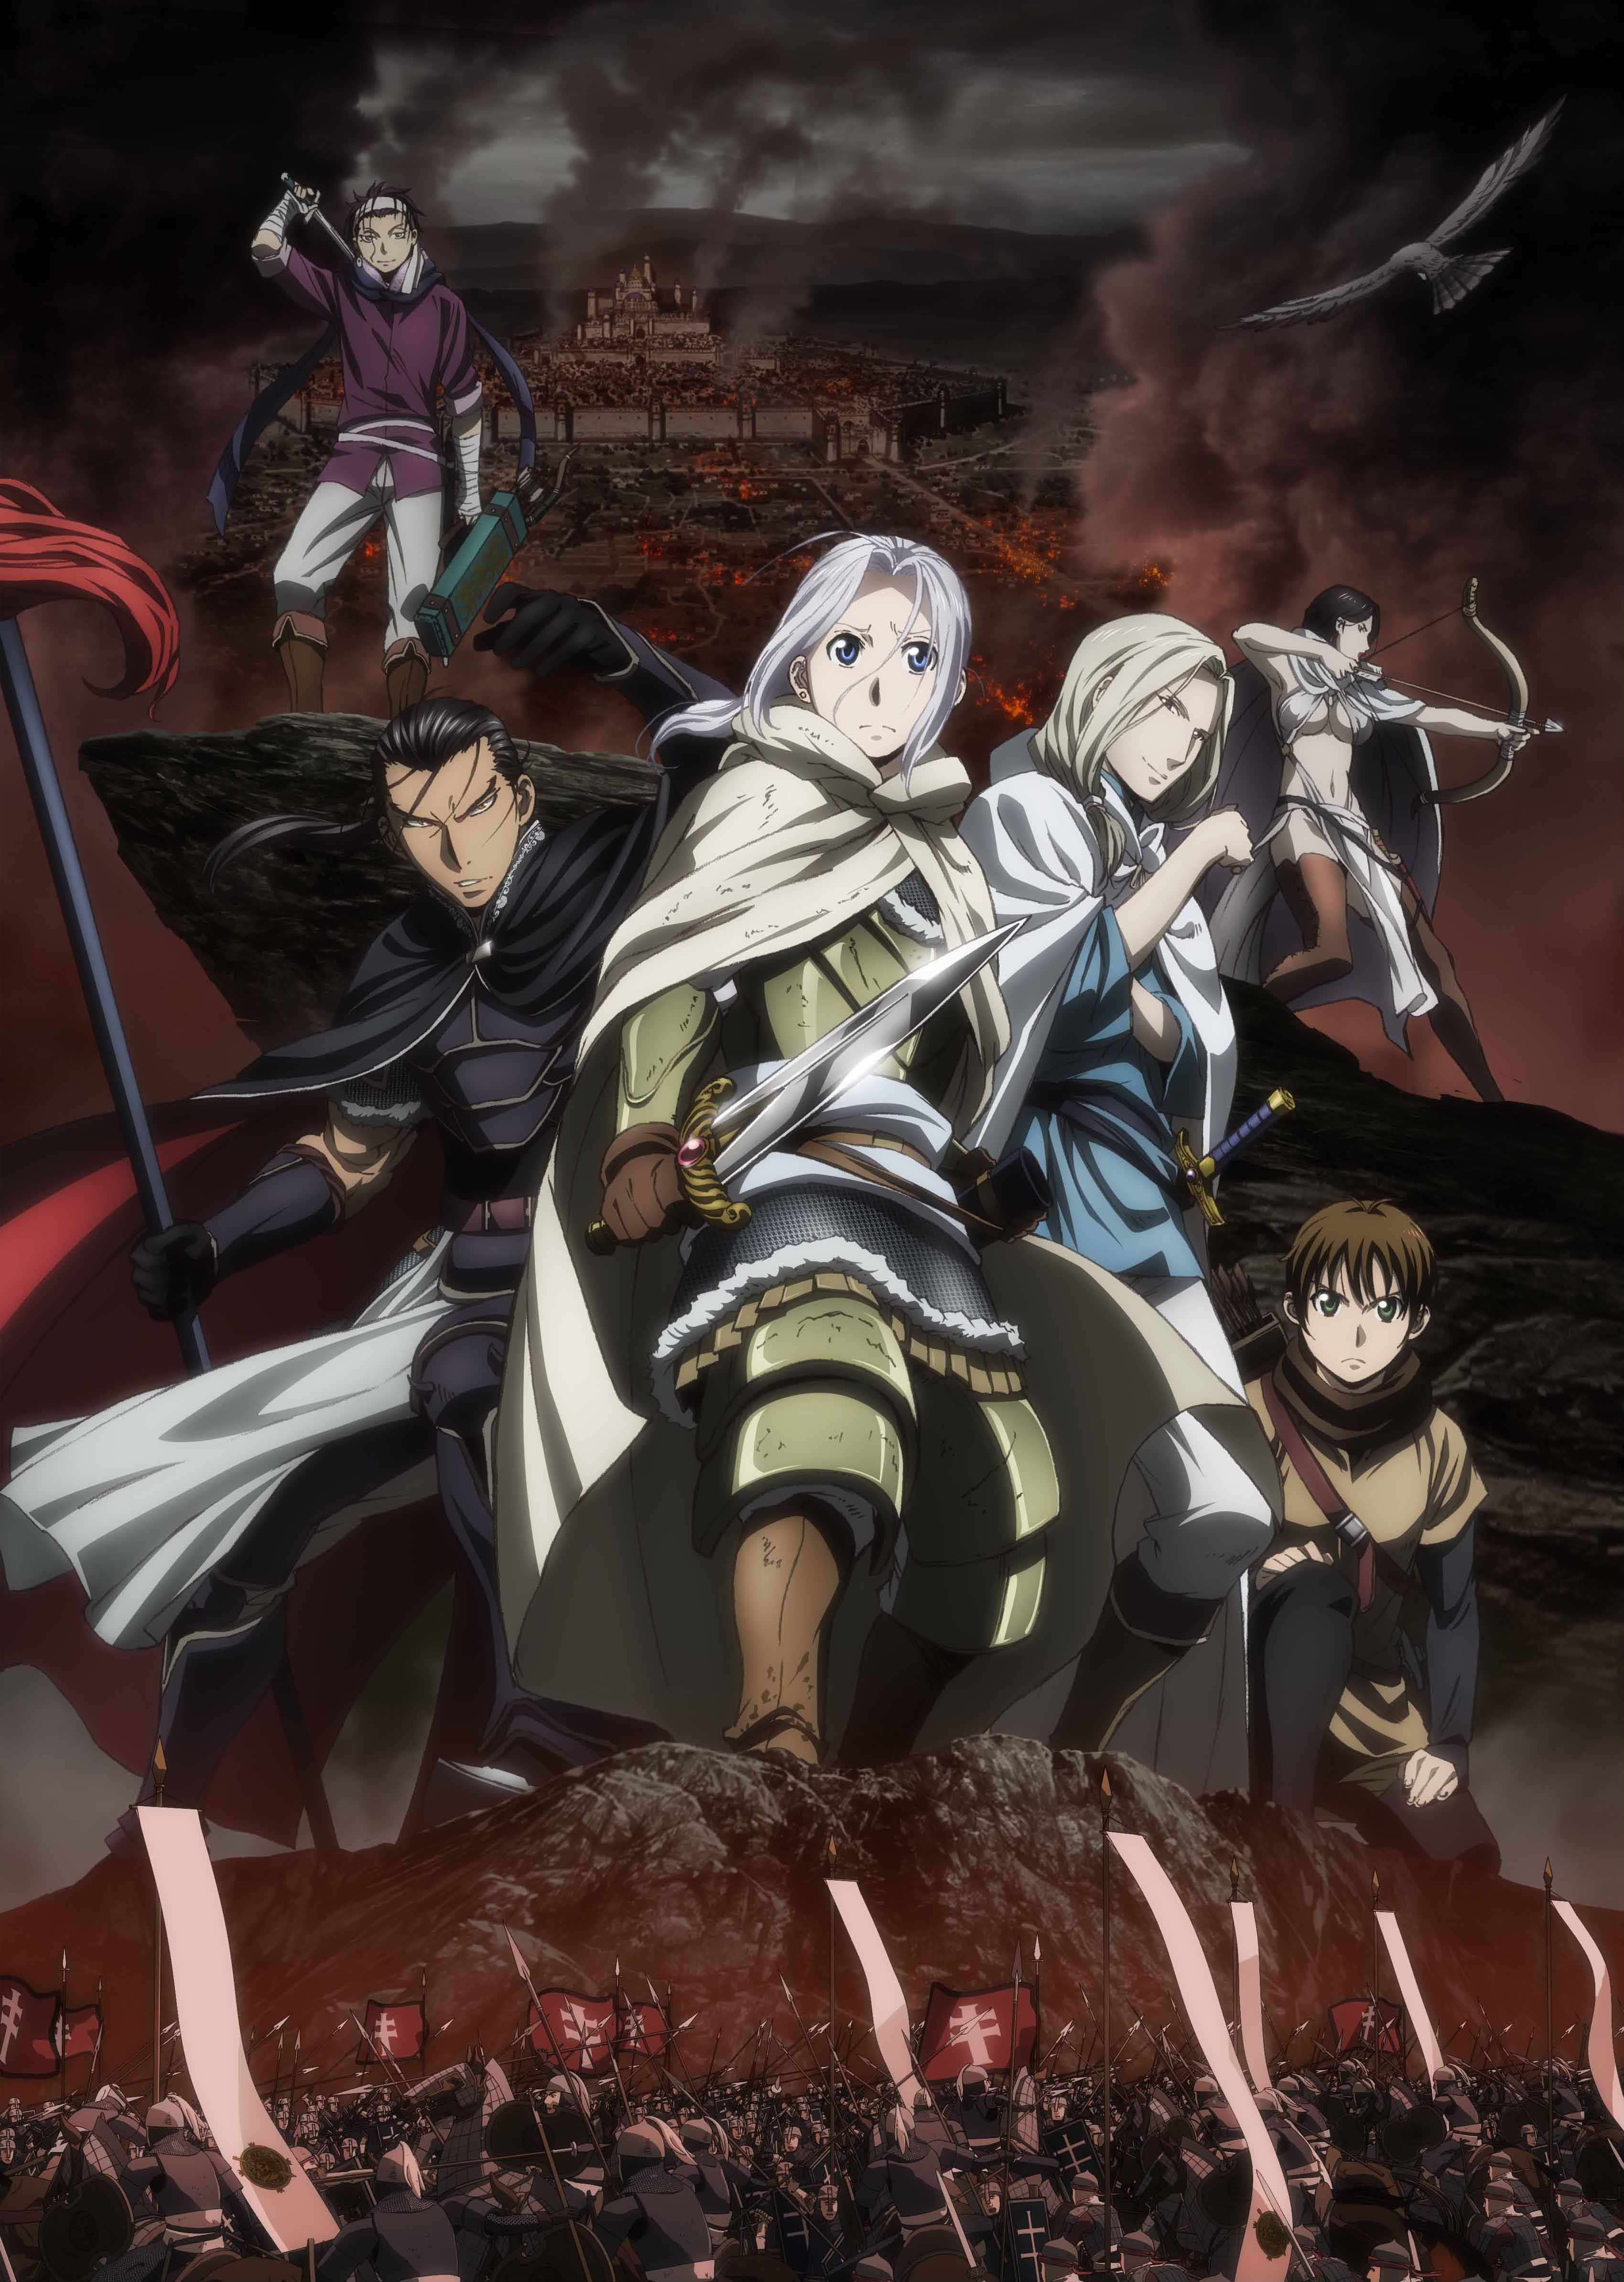 アルスラーン戦記 亞爾斯蘭戰記 The Heroic Legend of Arslan Anime films